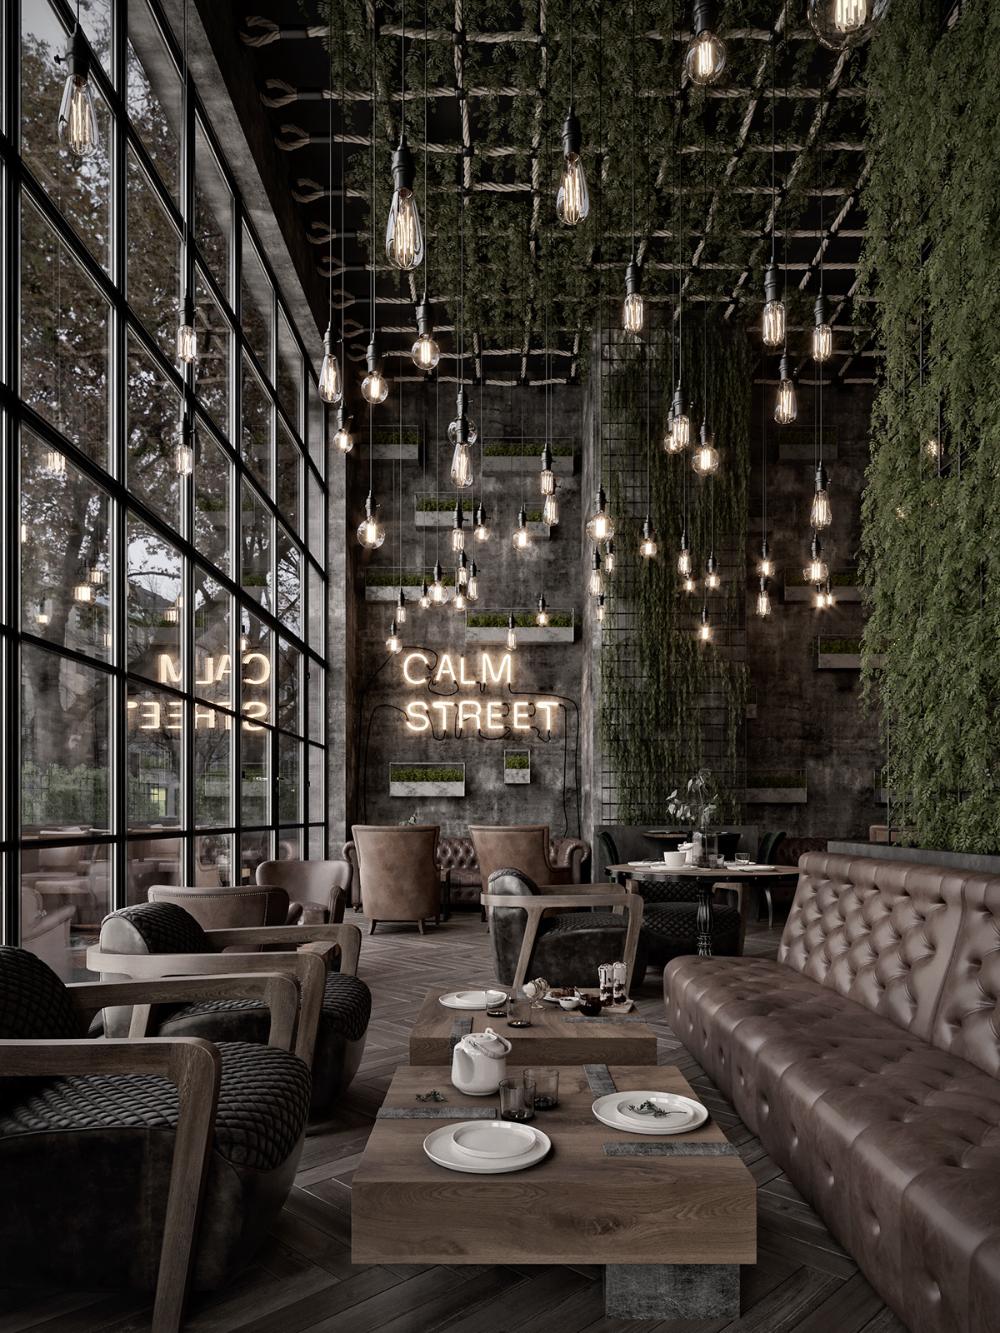 Qatar Calm Street Cafe In 2020 Coffee Shop Interior Design Cafe Interior Vintage Industrial Restaurant Design